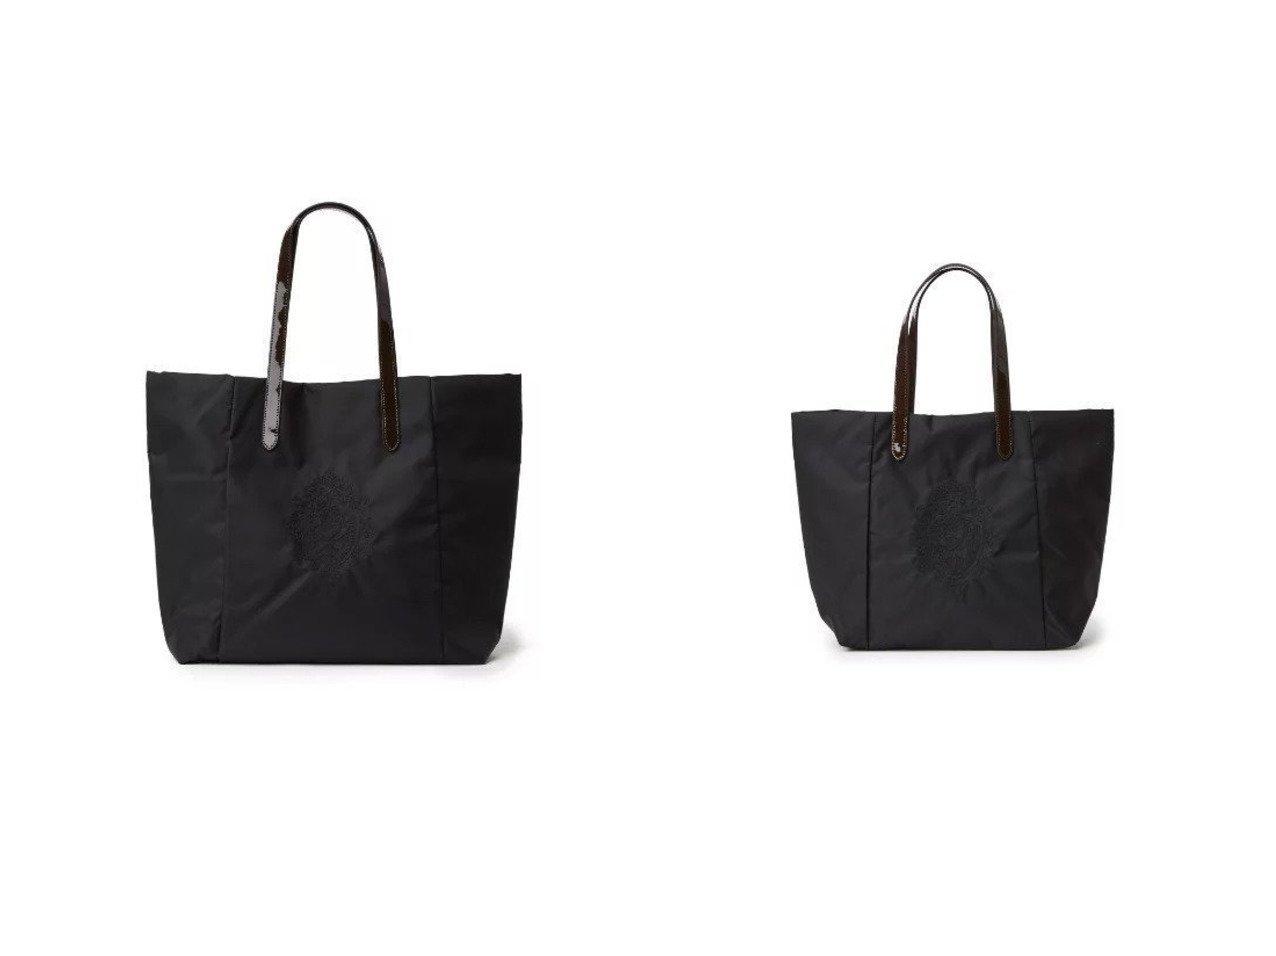 【AMACA/アマカ】のDAVIS MINI flap poket バッグ&DAVIS flap pocket バッグ バッグ・鞄のおすすめ!人気、トレンド・レディースファッションの通販  おすすめで人気の流行・トレンド、ファッションの通販商品 メンズファッション・キッズファッション・インテリア・家具・レディースファッション・服の通販 founy(ファニー) https://founy.com/ ファッション Fashion レディースファッション WOMEN バッグ Bag イタリア スタンダード フラップ ポケット 人気 軽量 |ID:crp329100000009112